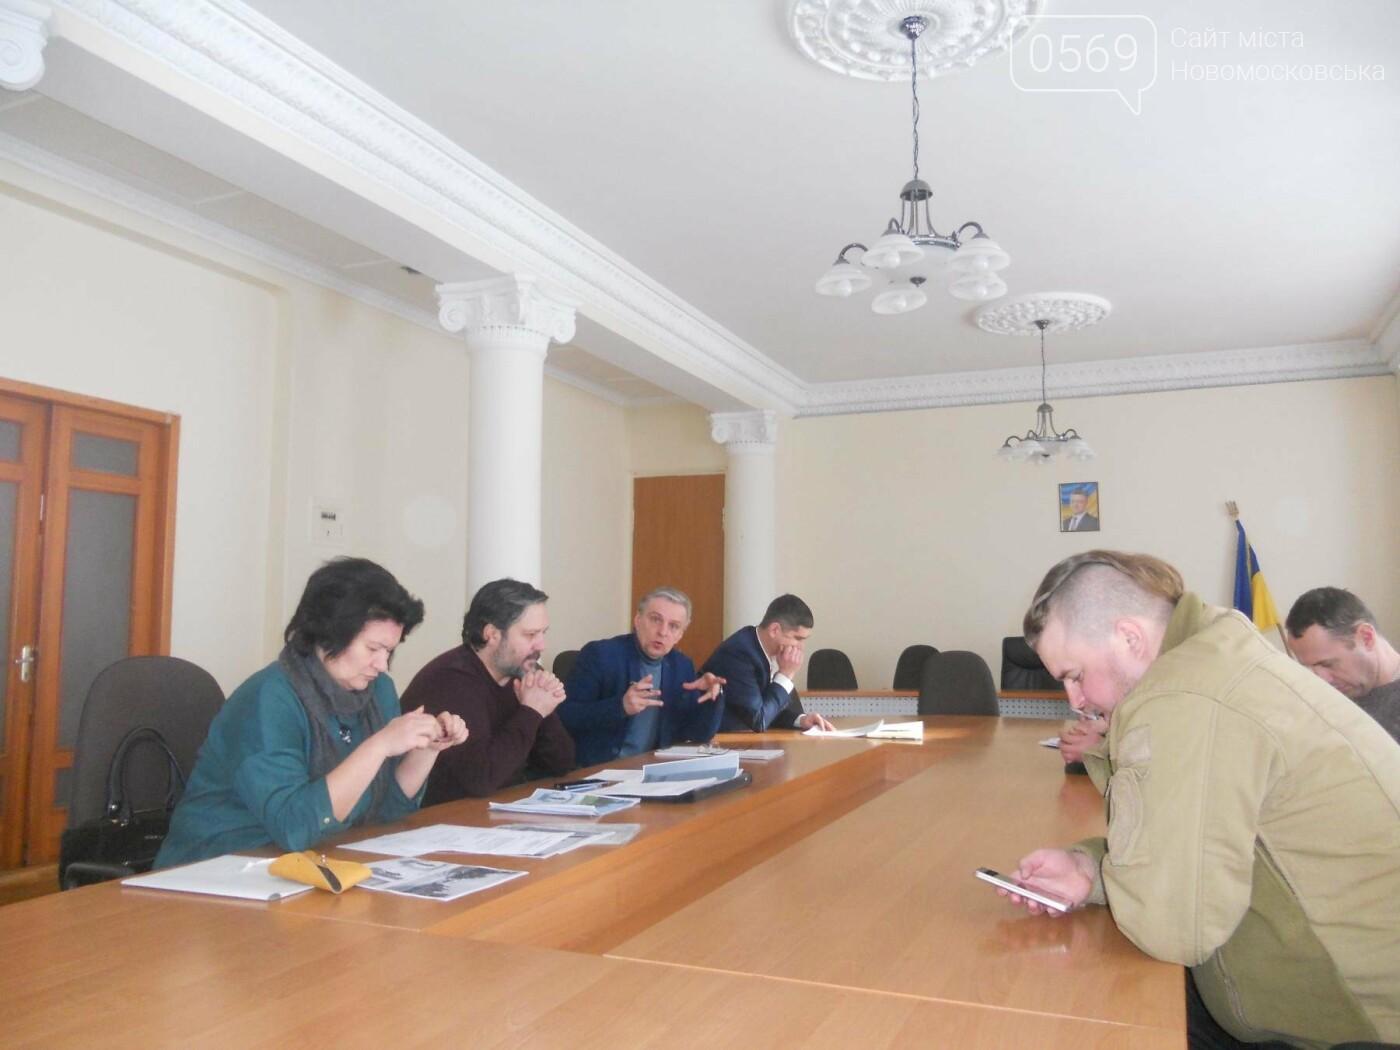 У Новомосковській міськраді відбулася робоча зустріч з автором ескізу памятника героям АТО, фото-1